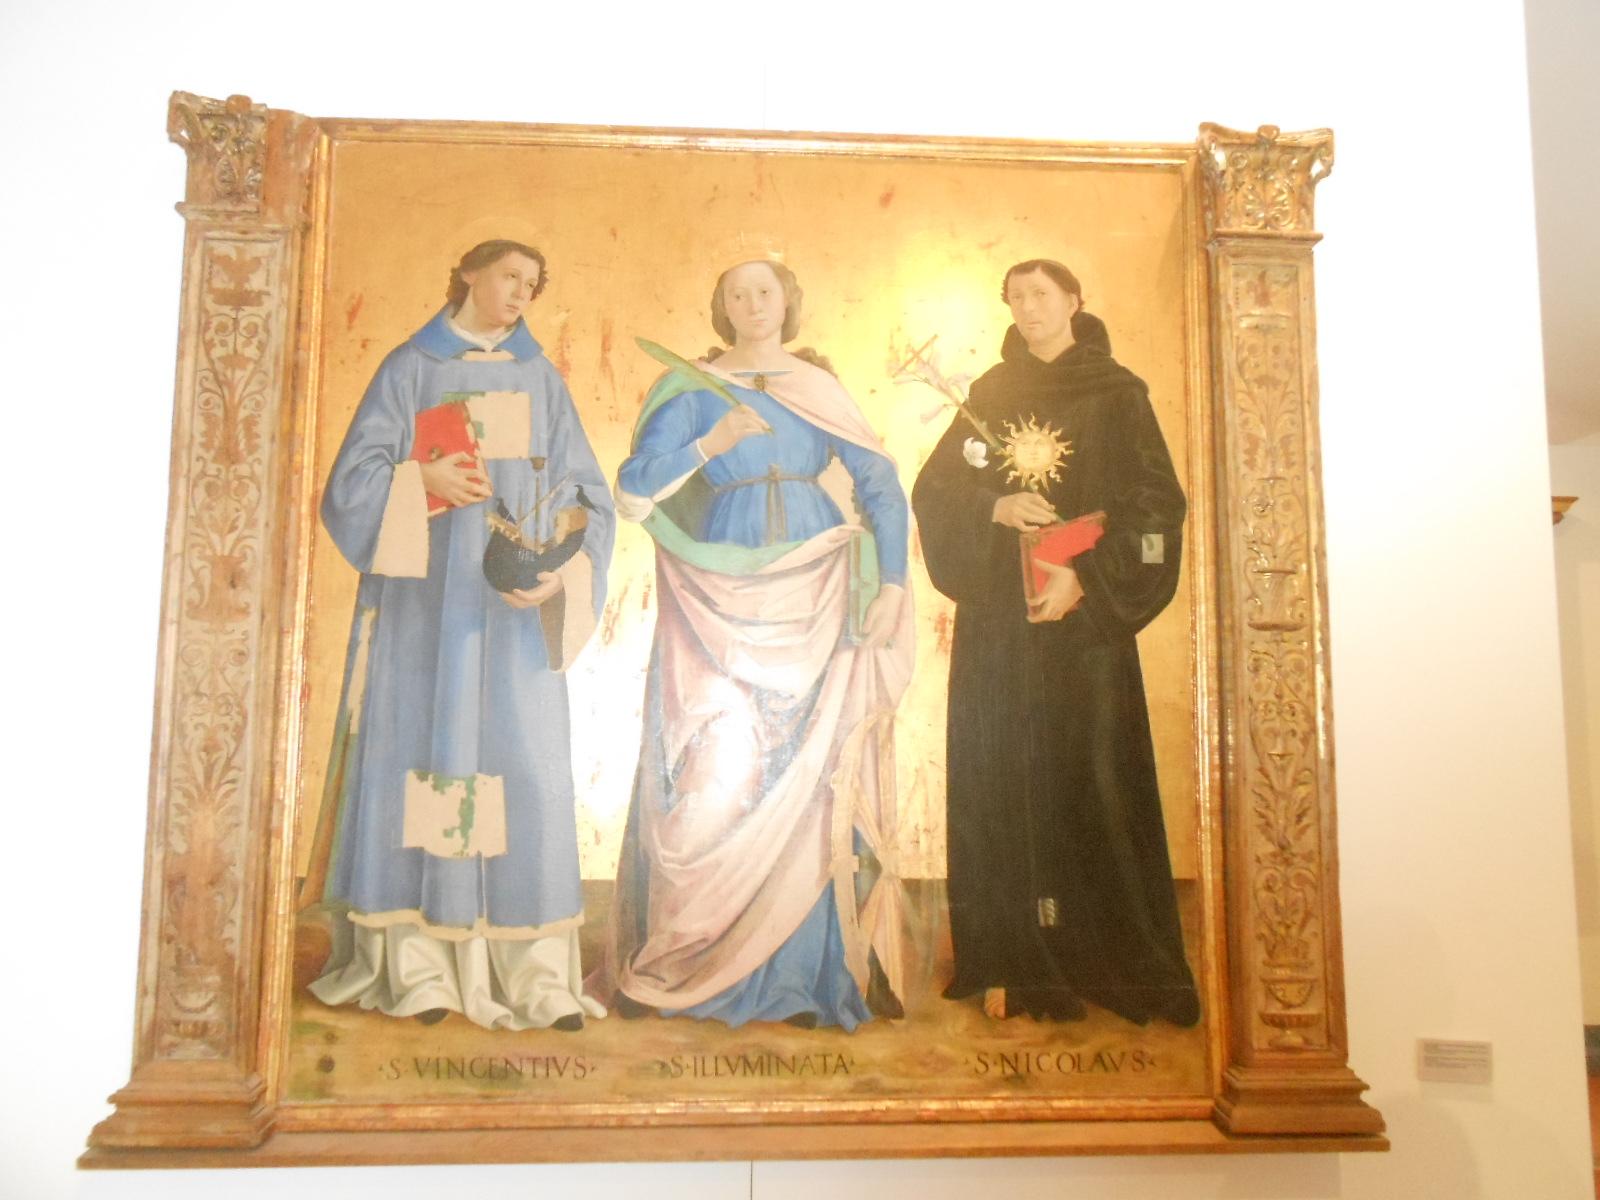 Den hellige Illuminata mellom de hellige Nikolas av Tolentino og Vincent, maleri i kirken Santa Illuminata i Montefalco i provinsen Perugia i regionen Umbria